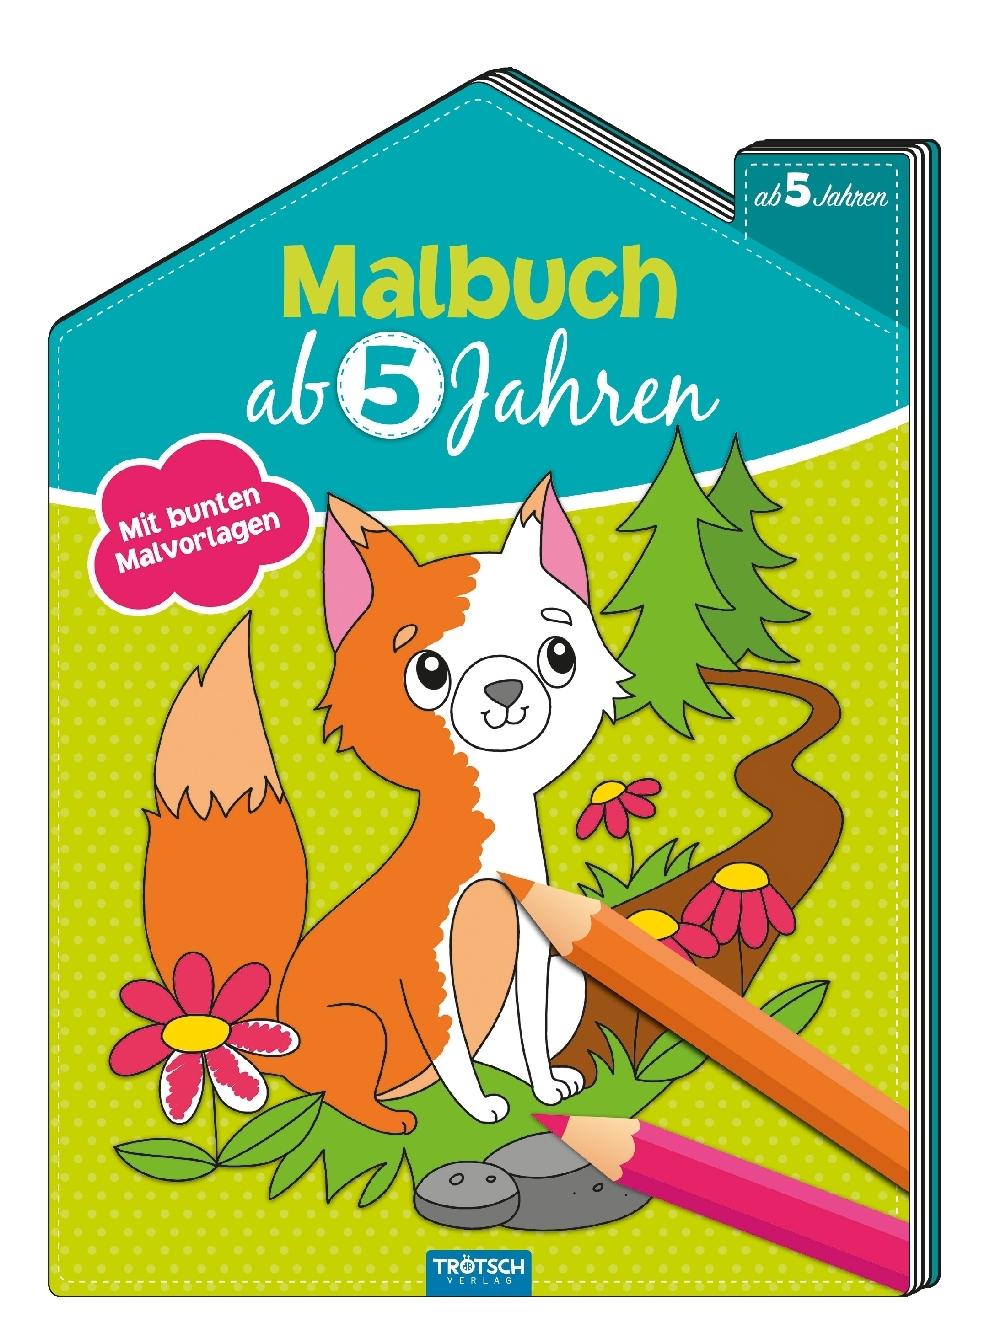 Malbuch ab 4 Jahren Mit bunten Malvorlagen Broschüre Deutsch 2018 Bastel- & Kreativ-Bedarf für Kinder Mal- & Zeichenmaterialien für Kinder